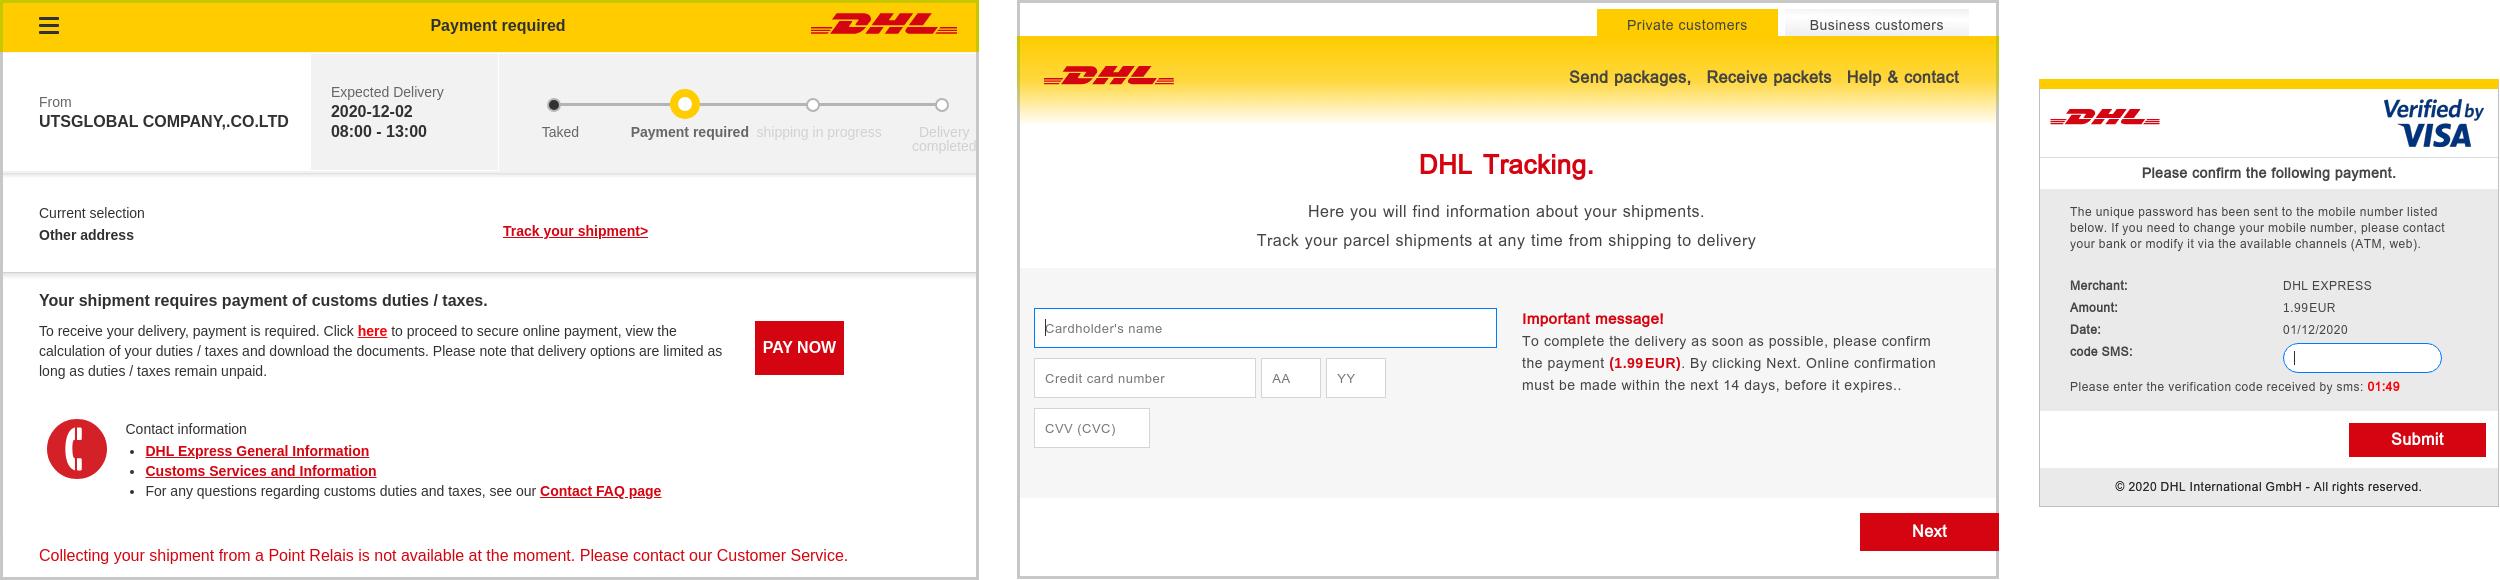 偽物のWebサイトでは、氏名とクレジットカード情報の入力、最終的には確認コードの入力が求められる